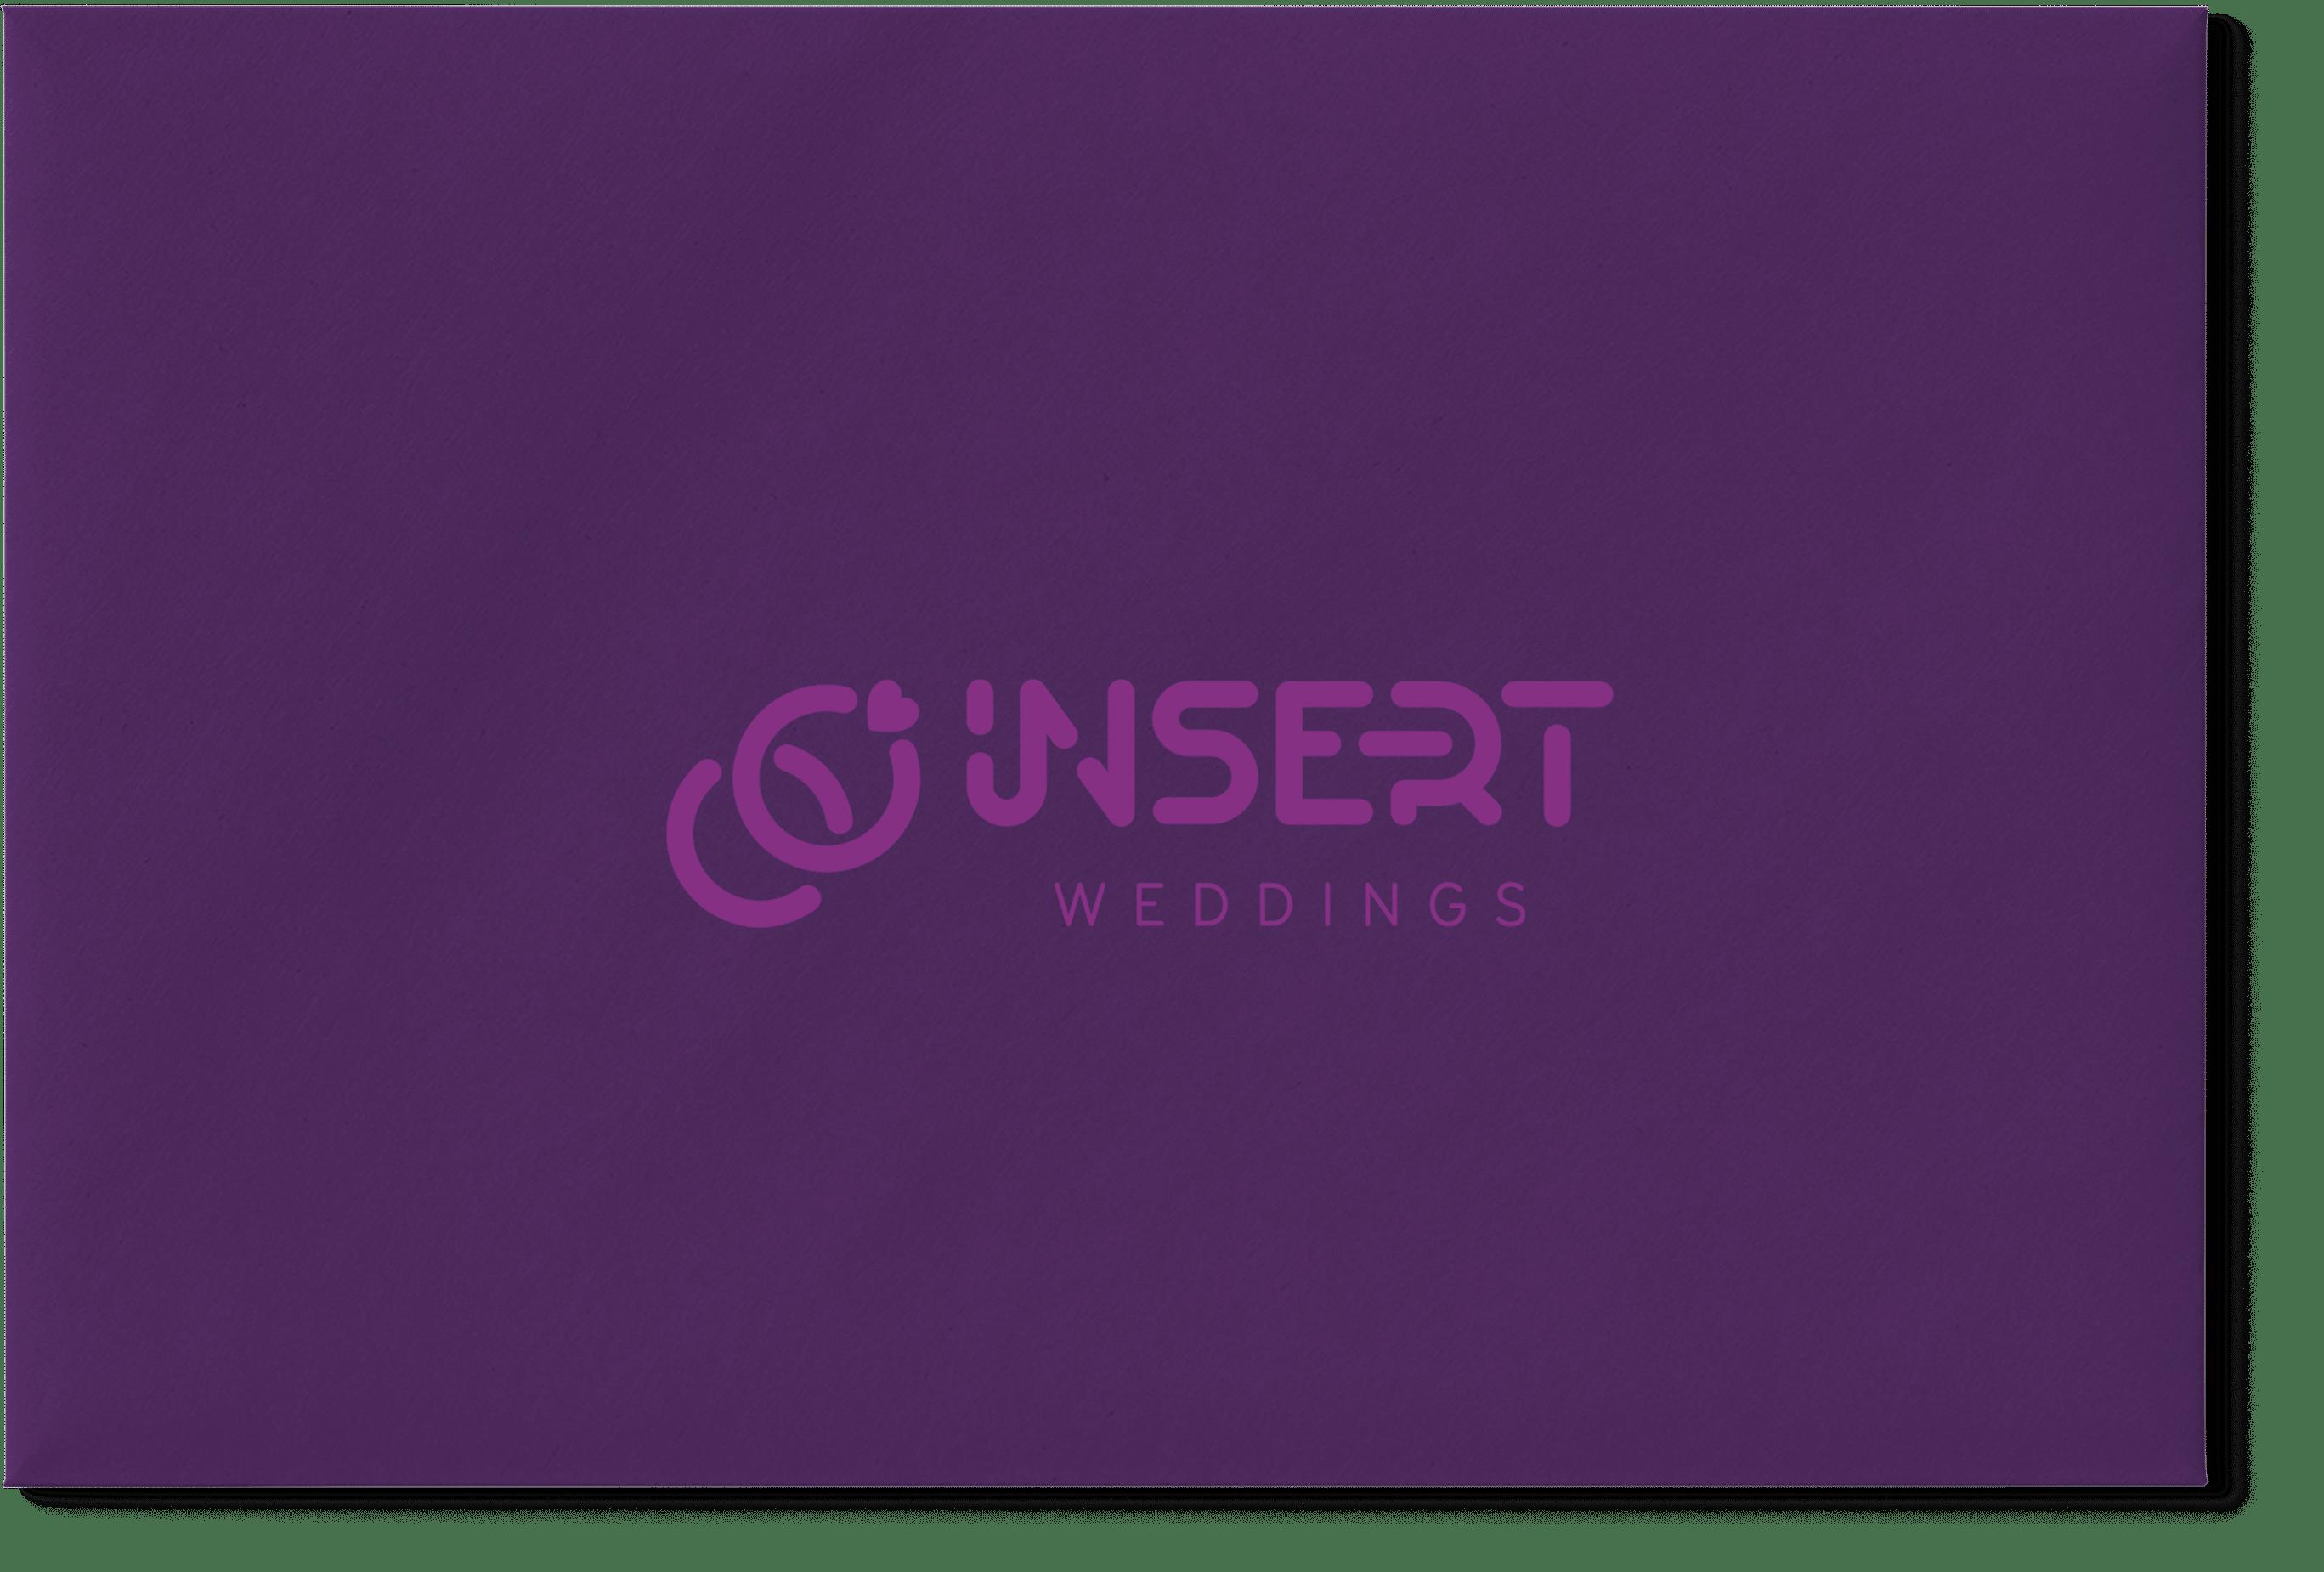 insert weddings purple envelope mockup